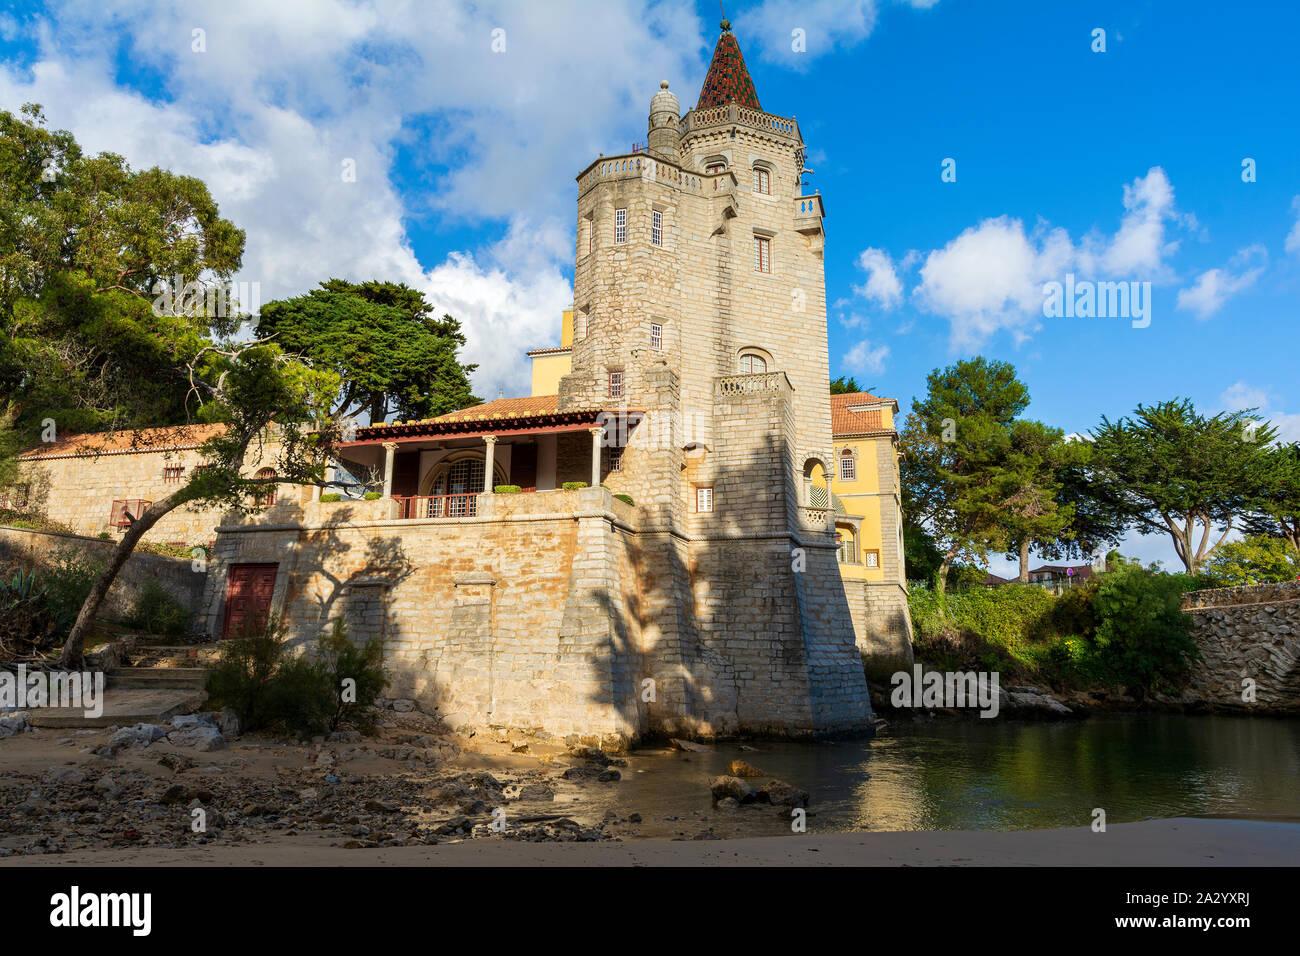 Vista de los Condes de Castro Guimaraes Palace en Cascais, centro turístico costero y pueblo pesquero en Portugal Foto de stock